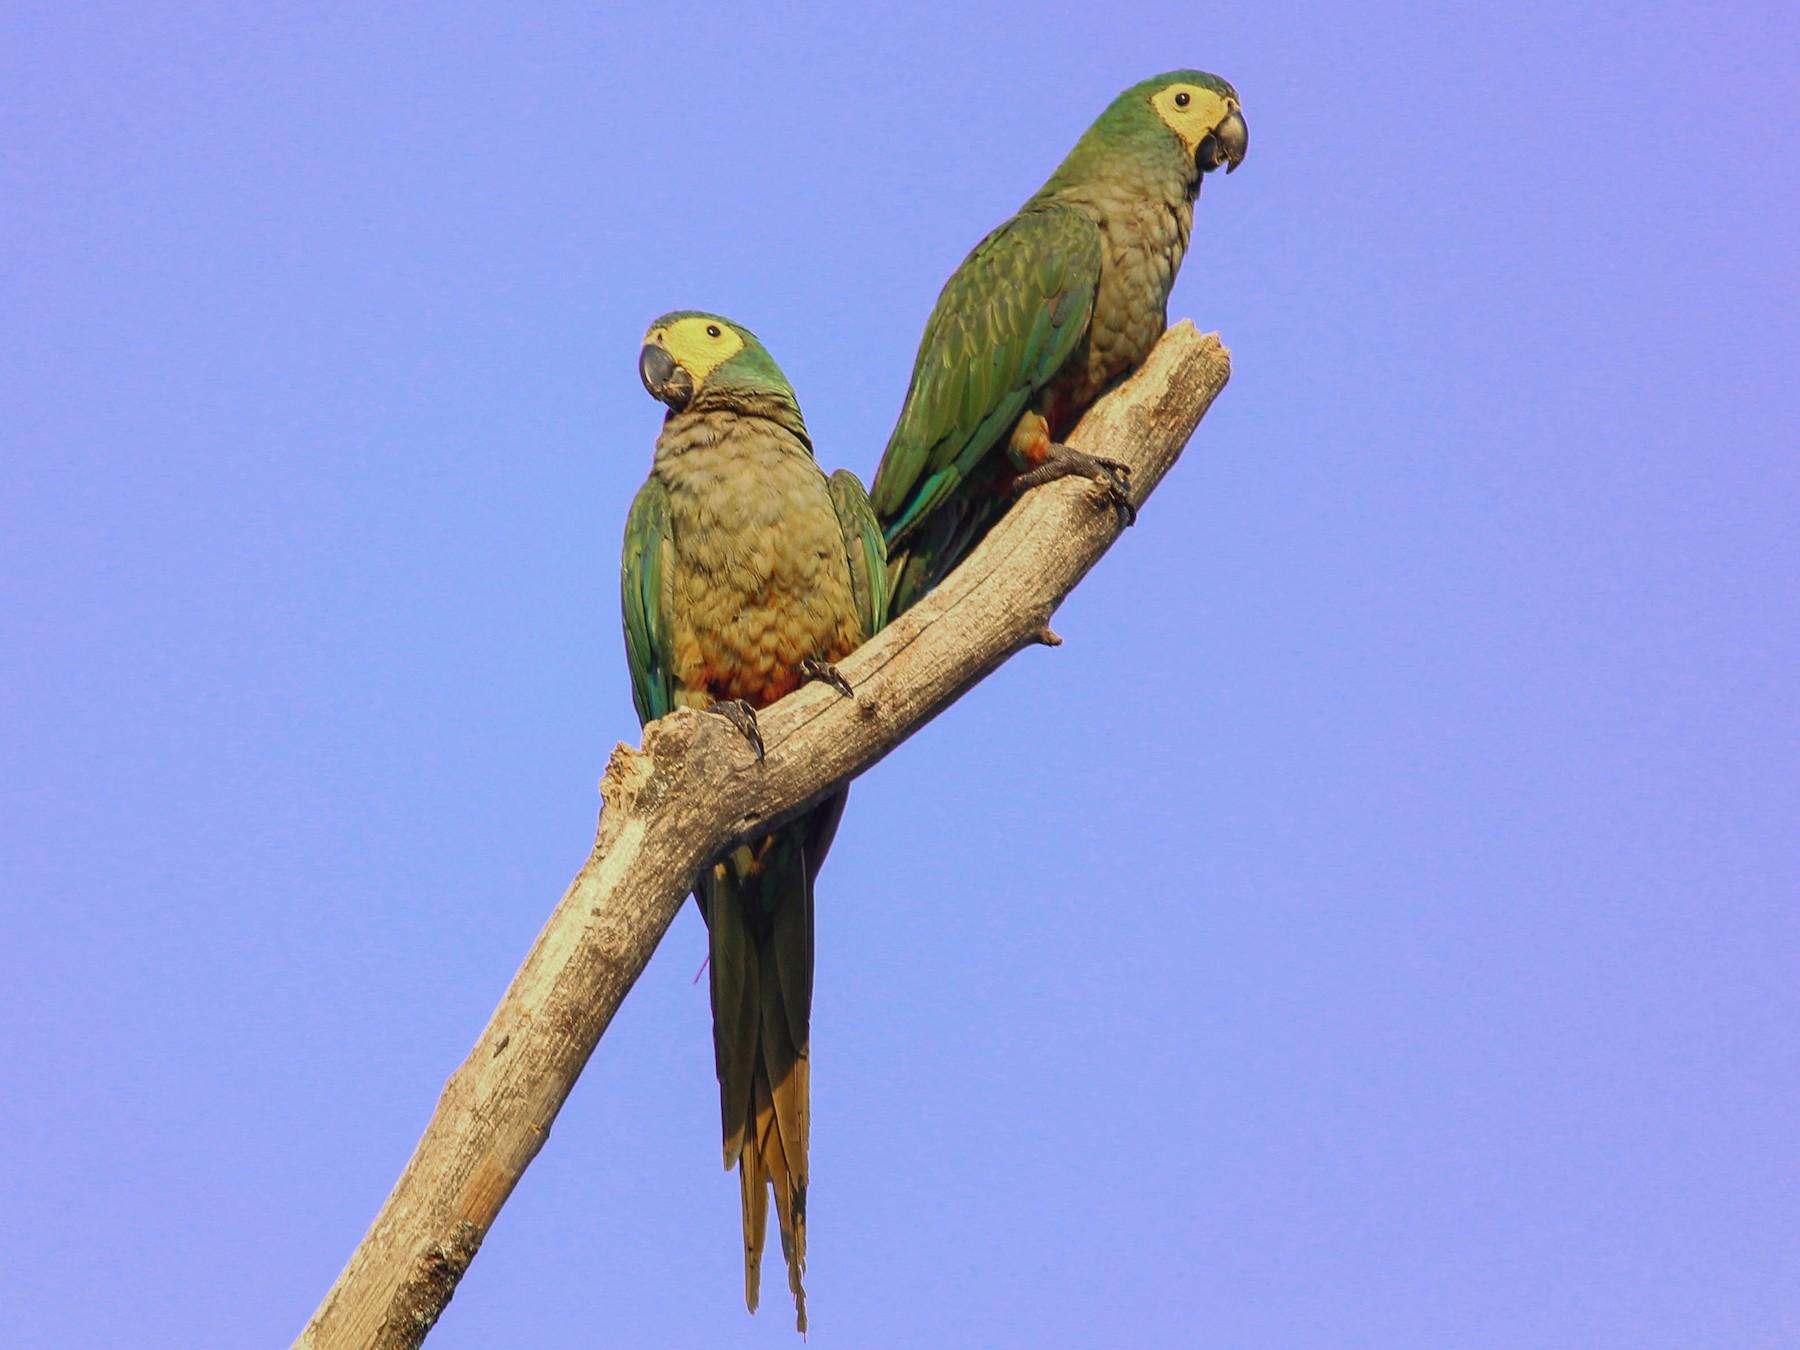 Red-bellied Macaw - João Souza